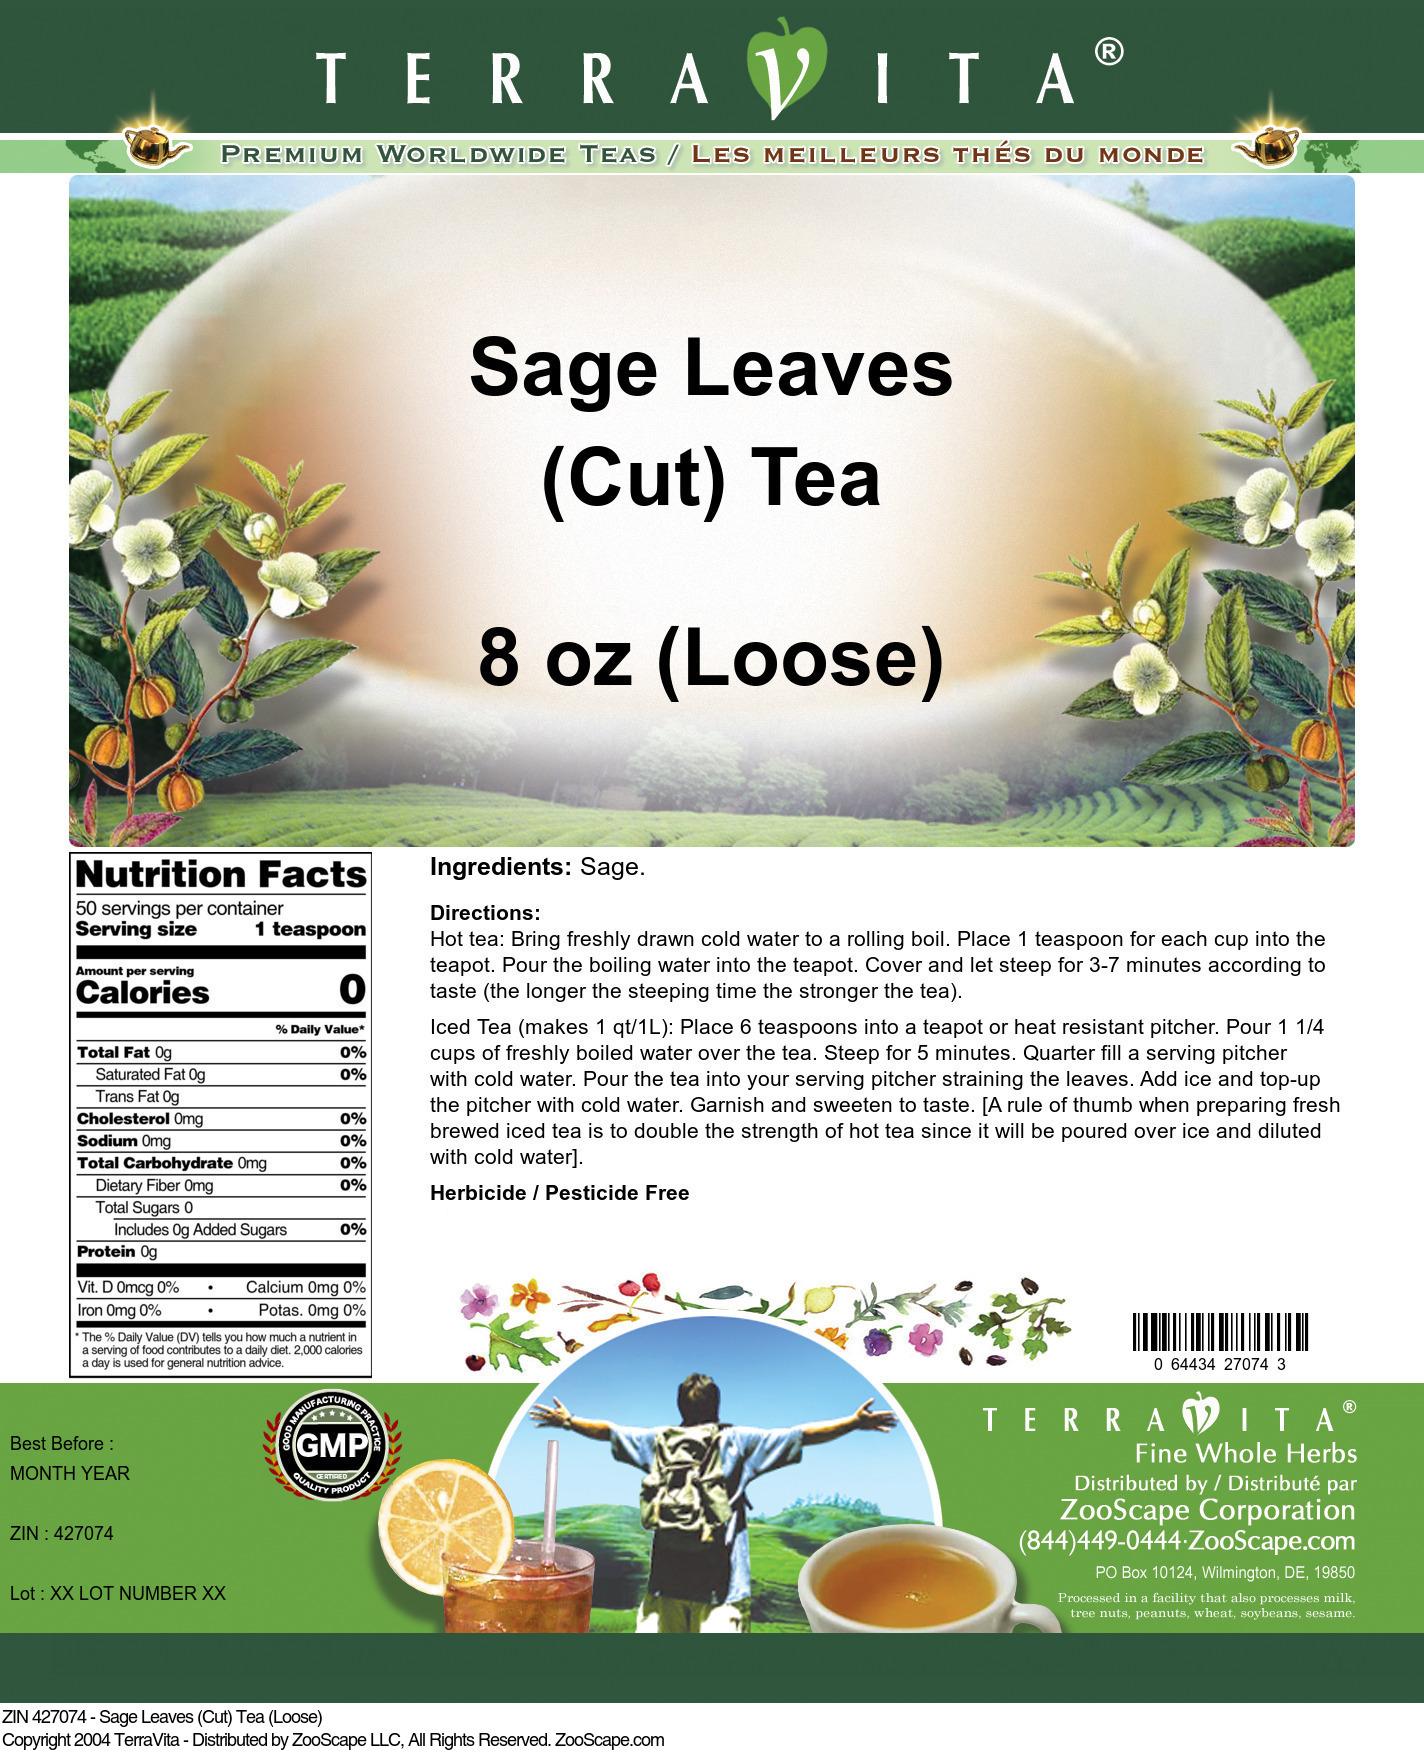 Sage Leaves (Cut) Tea (Loose) - Label